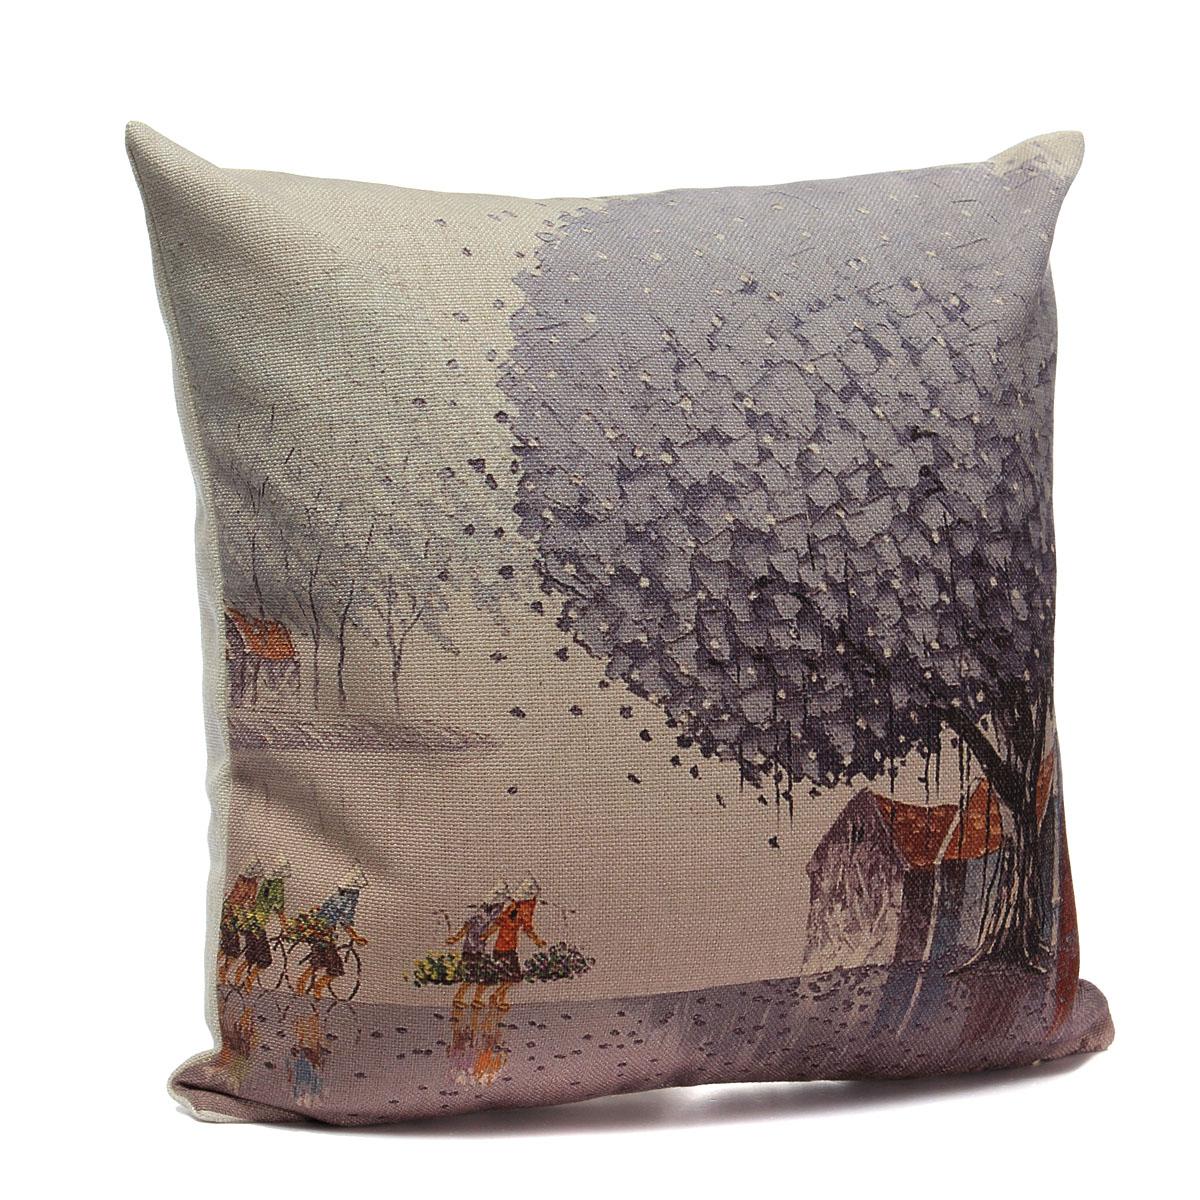 Vintage Pillows: Xmas Vintage Linen Cotton Cushion Cover Throw Pillow Case